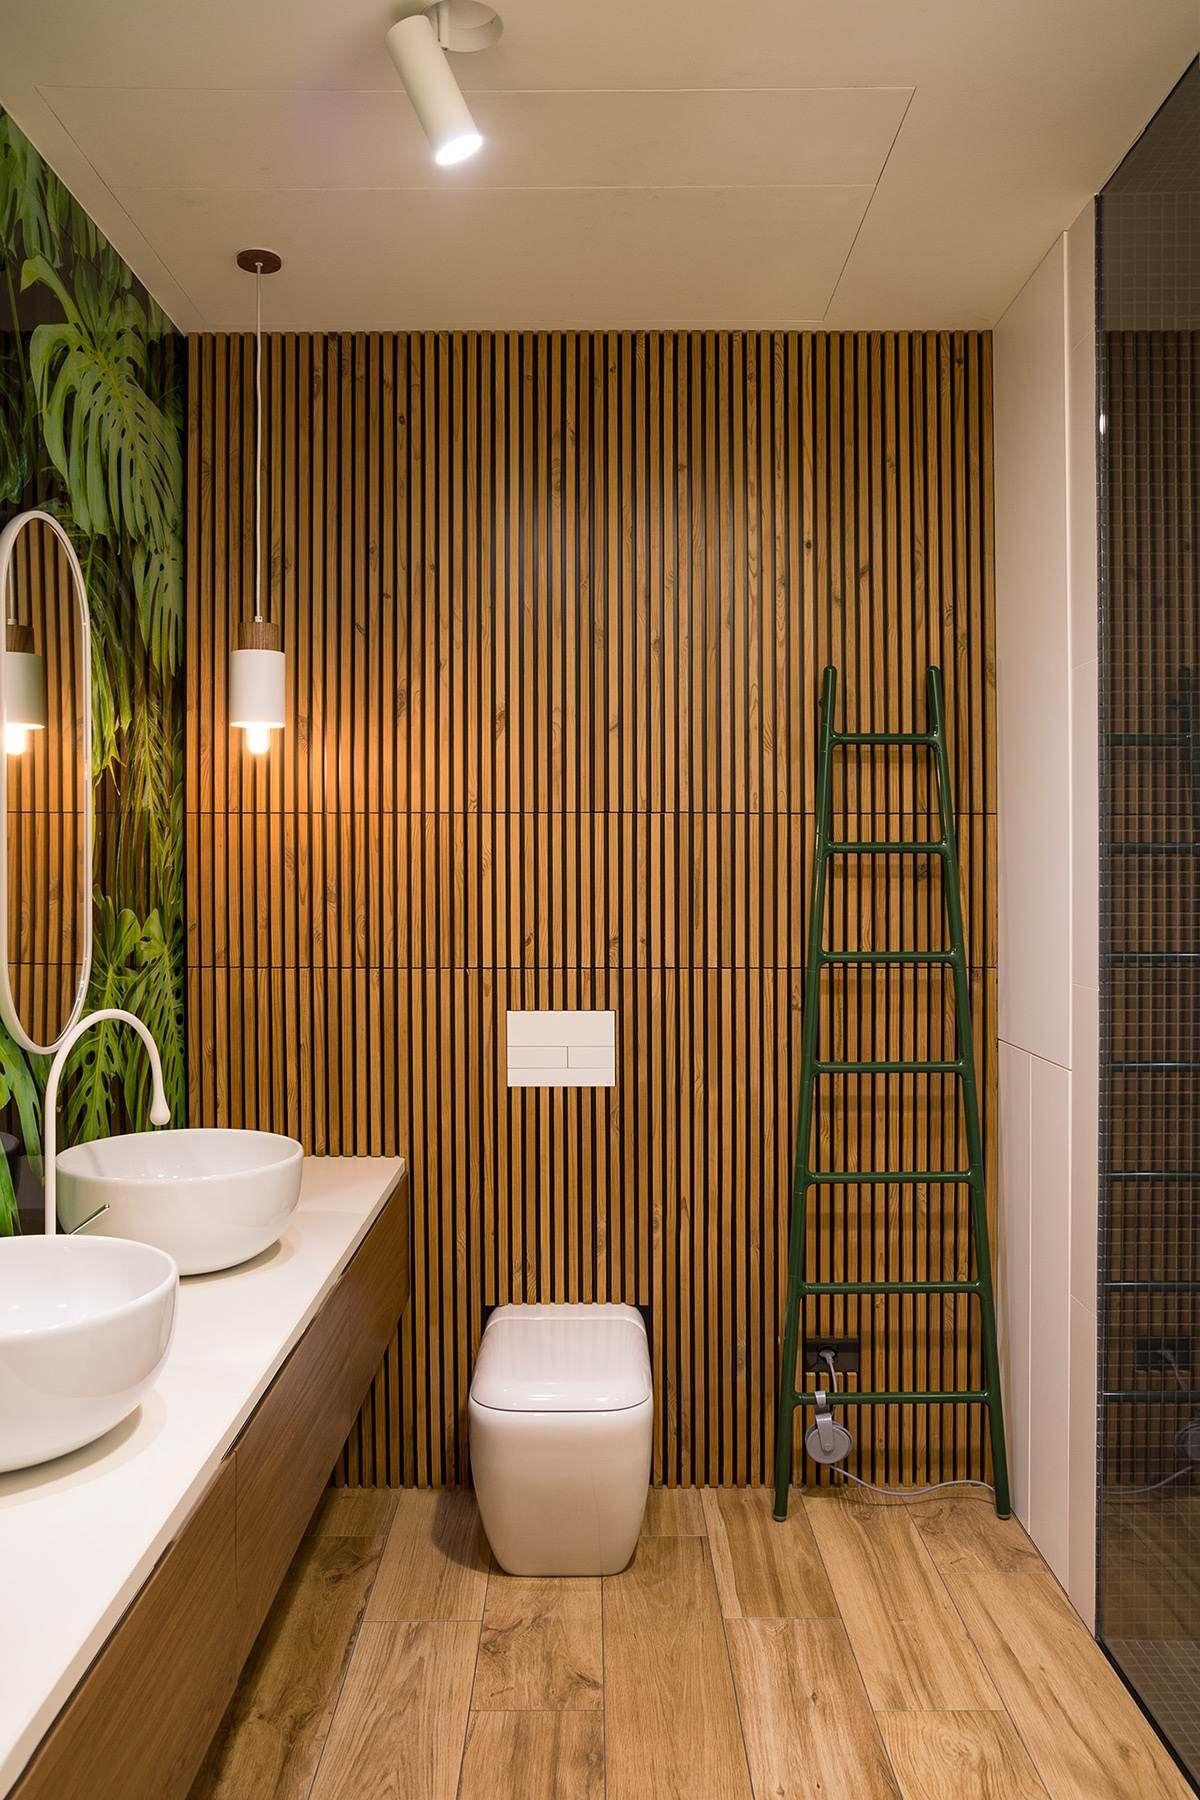 Elegantes badezimmerdesign hervorragende badezimmer designs mit einem einzigartigen und